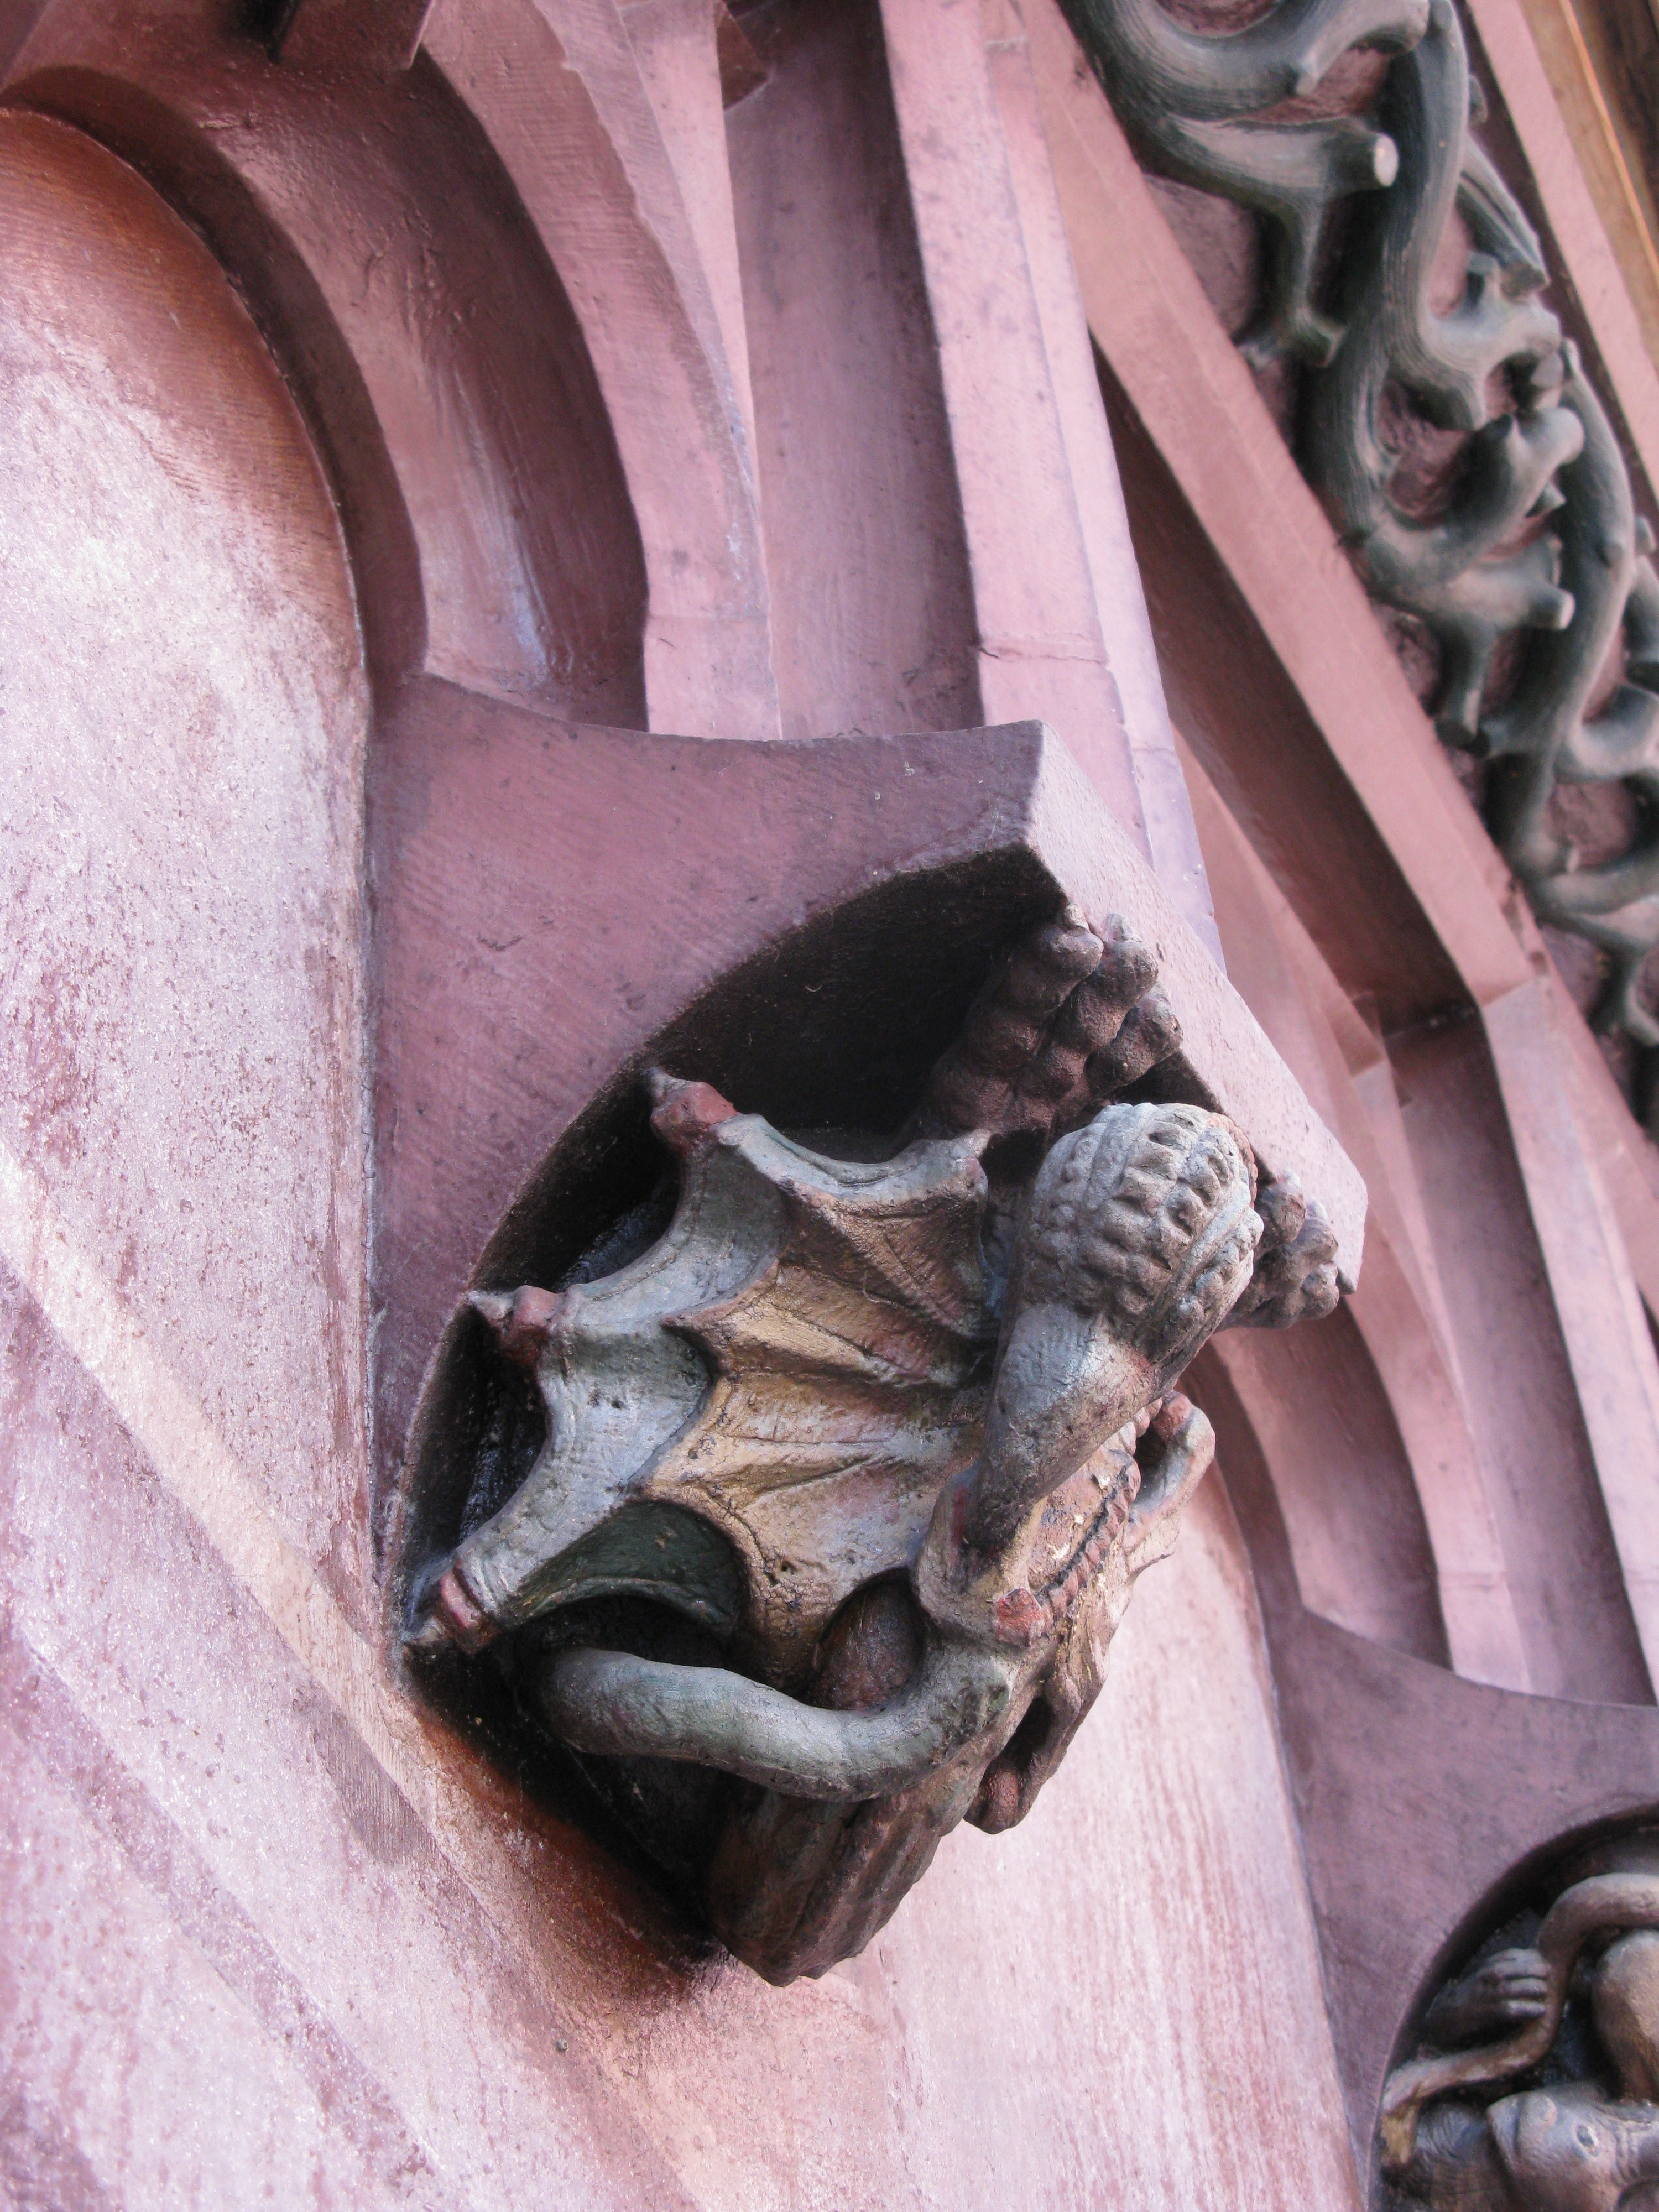 Basilisk am Rathaus, Hof, Sims unter Zinnen, zweiter von Rechts von Uhr.